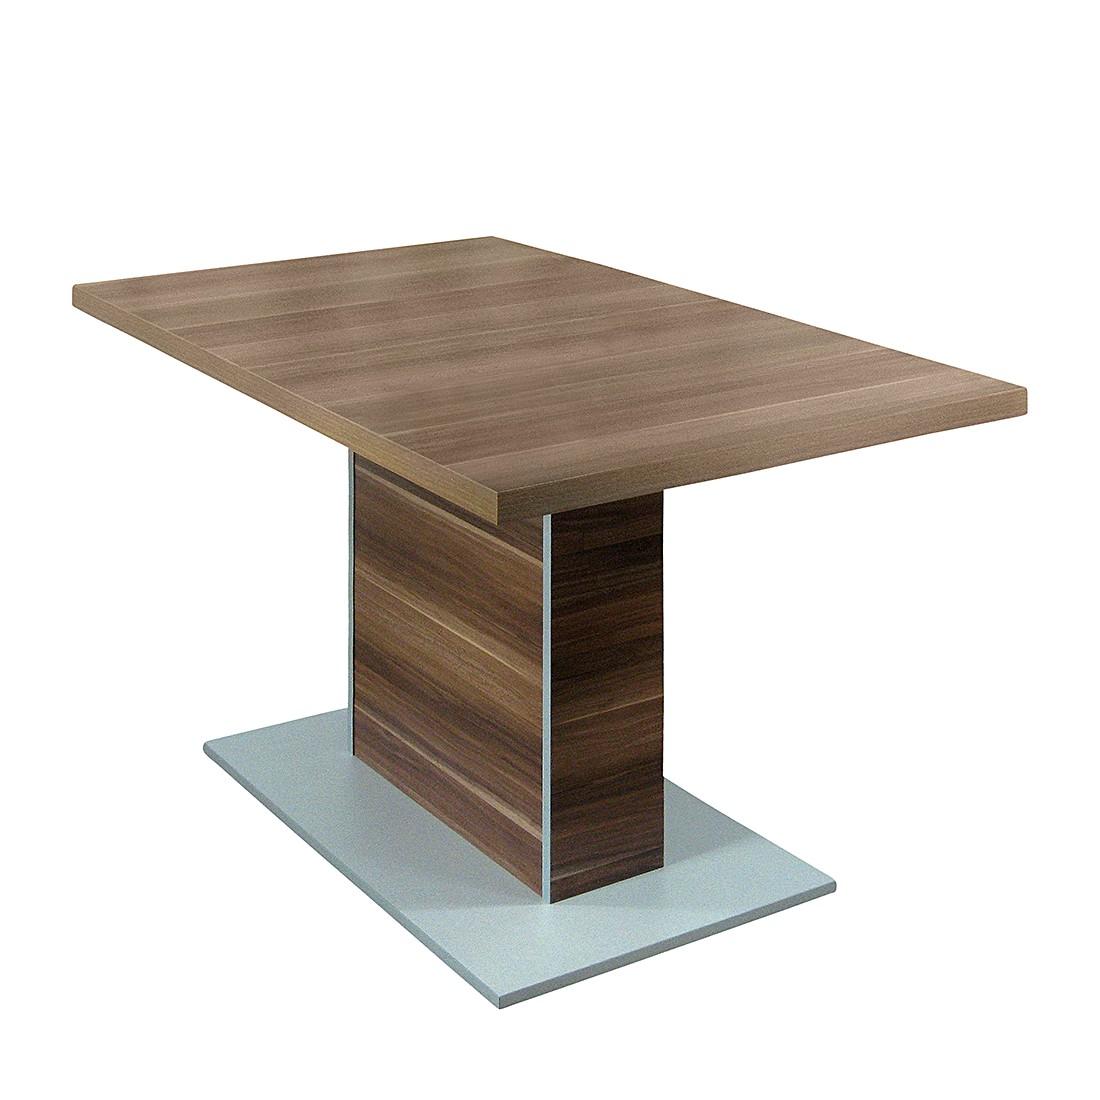 Säulentisch Montreal – Ausziehfunktion – Dekor Kernnuss, Home Design günstig kaufen